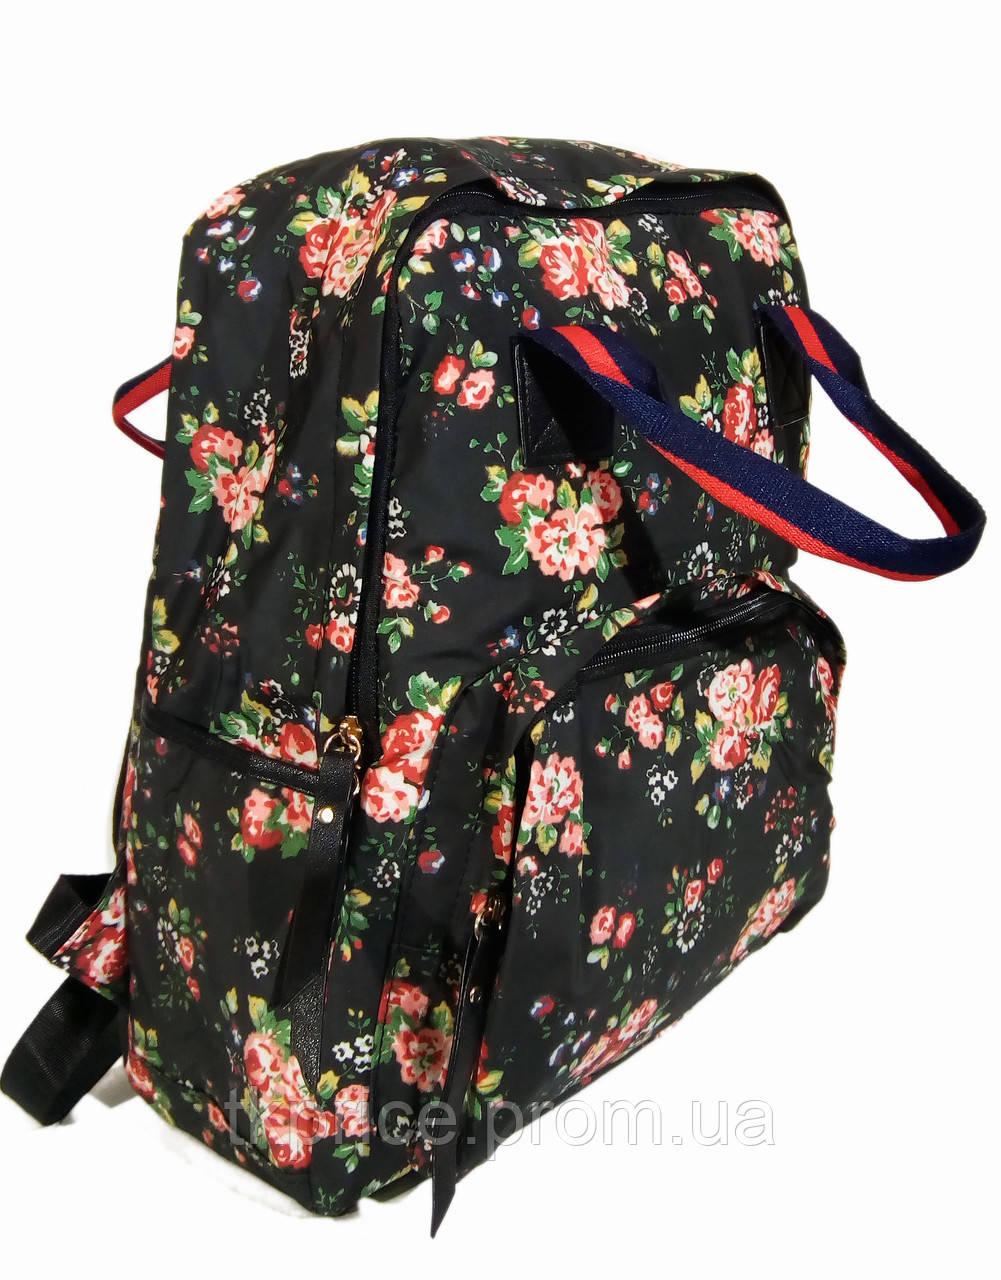 ea1b2bc5b17d Сумка - рюкзак для школы и прогулок с цветочным принтом черный -  Интернет-магазин